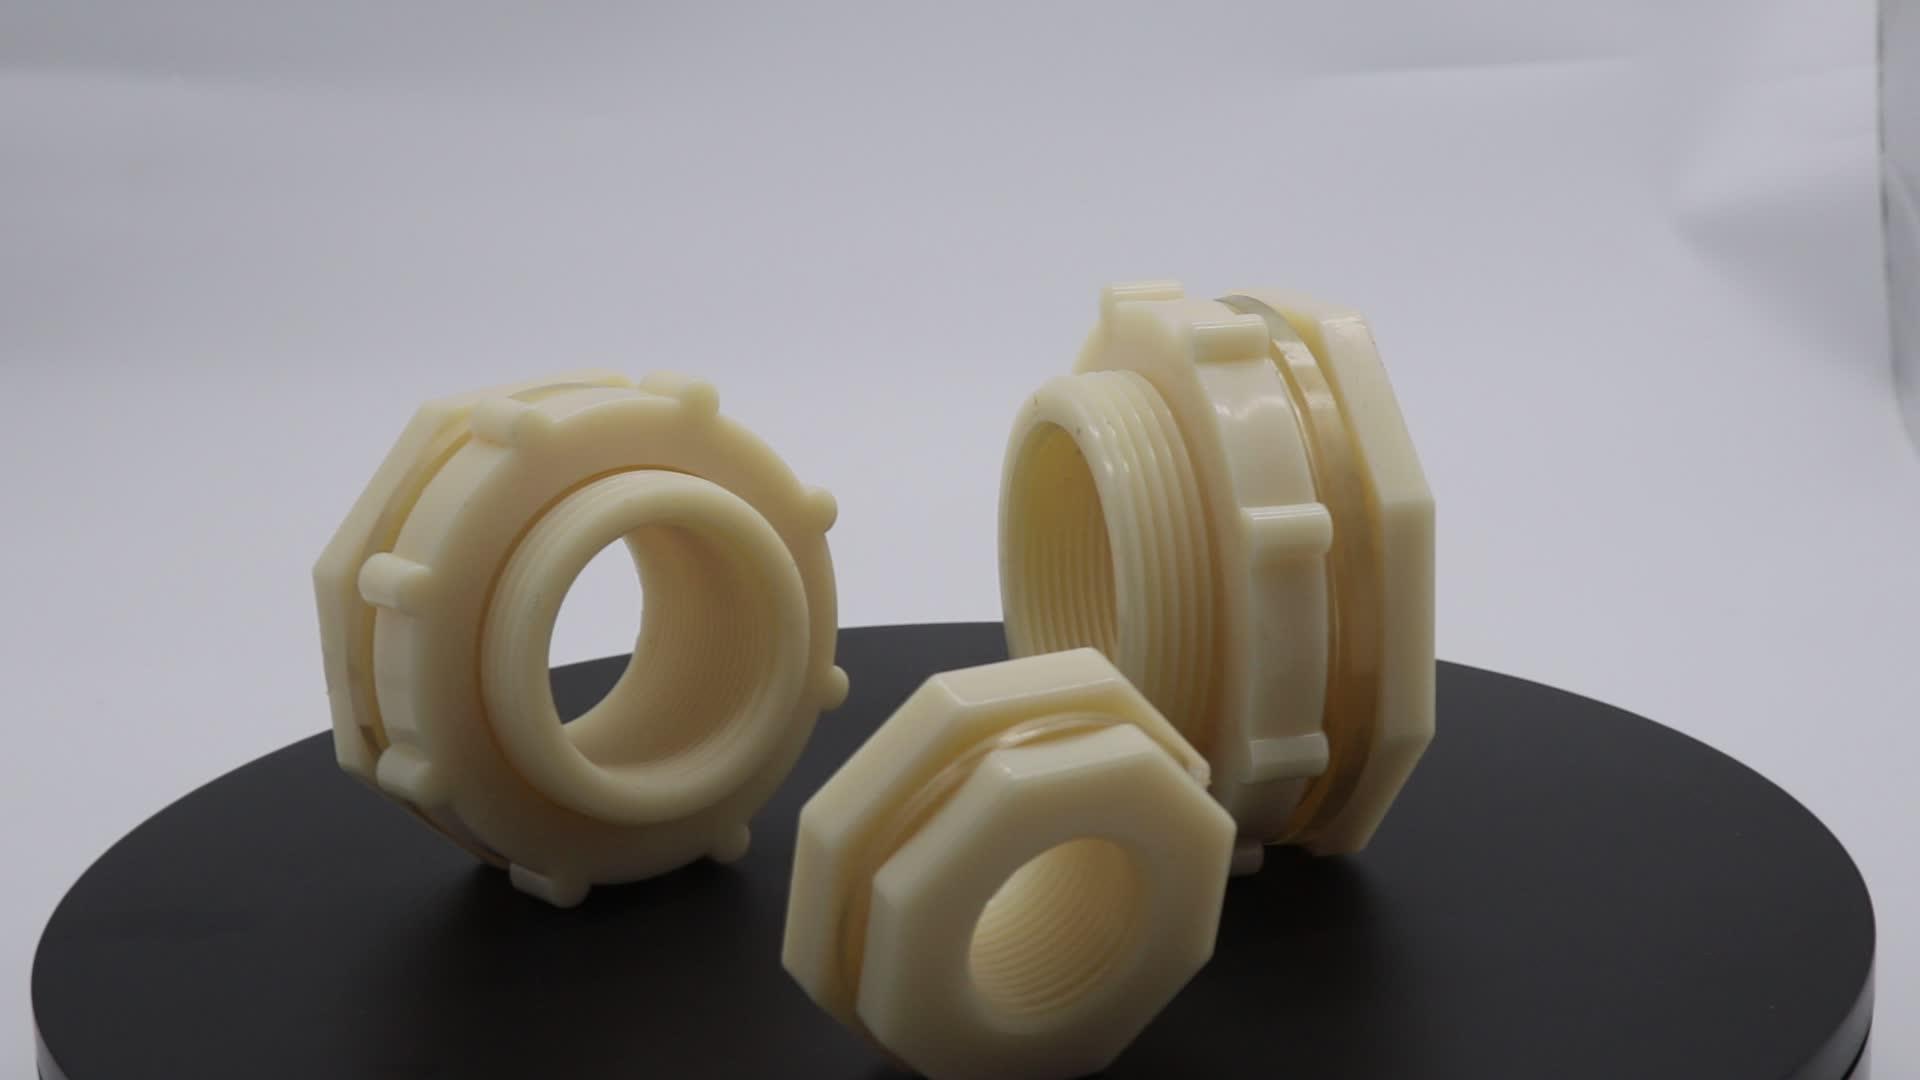 """3/4 """"DN20 25MM Plastik Kadın Erkek Dişli Bağlayıcı ABS PVC Tank Adaptörü Konteyner Bölme Parçaları Su Plastik Tank"""